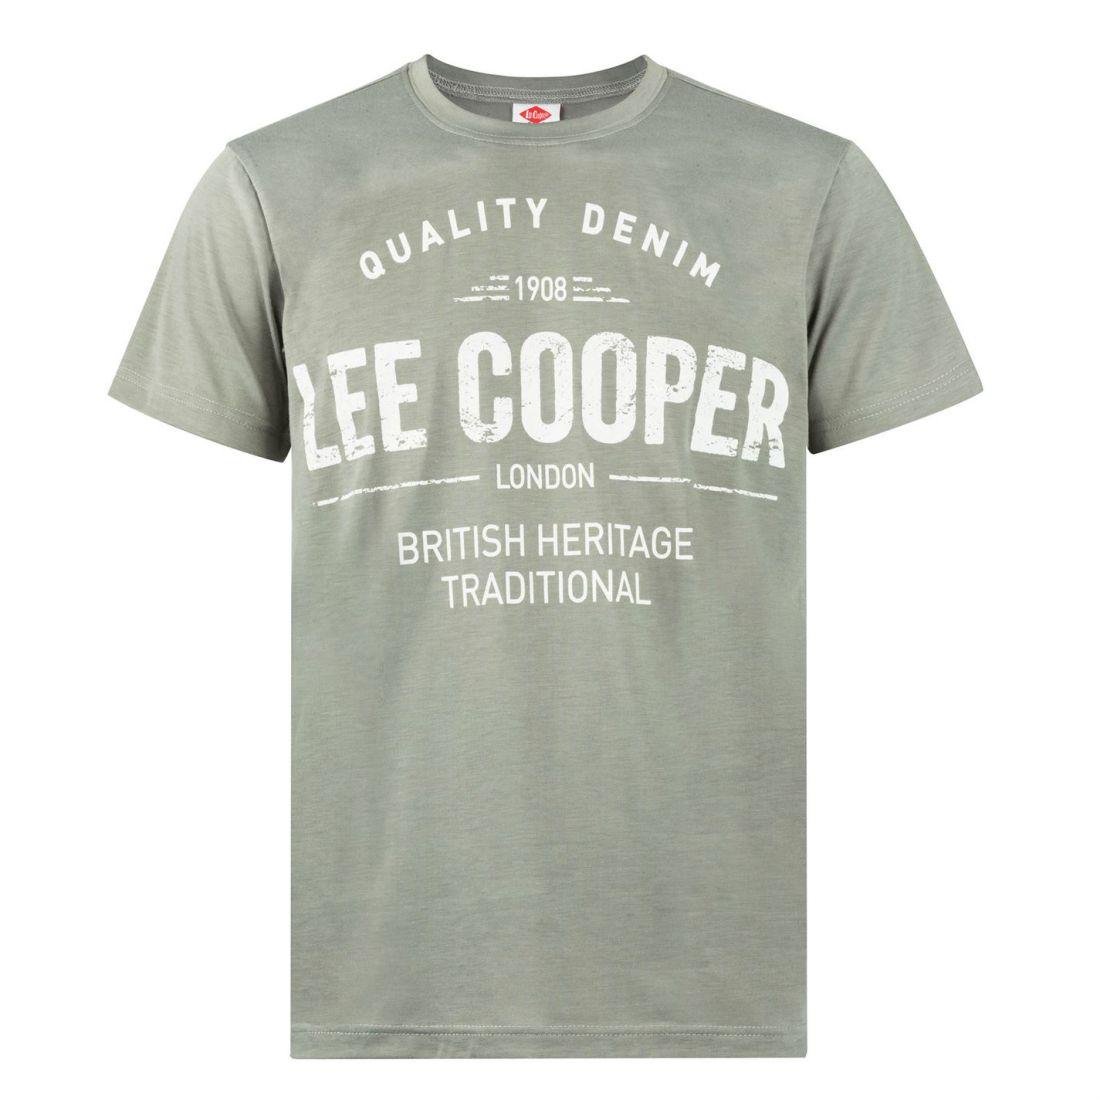 af638d13 Lee Cooper Mens Large Logo Print T Shirt Crew Neck Tee Top Short ...